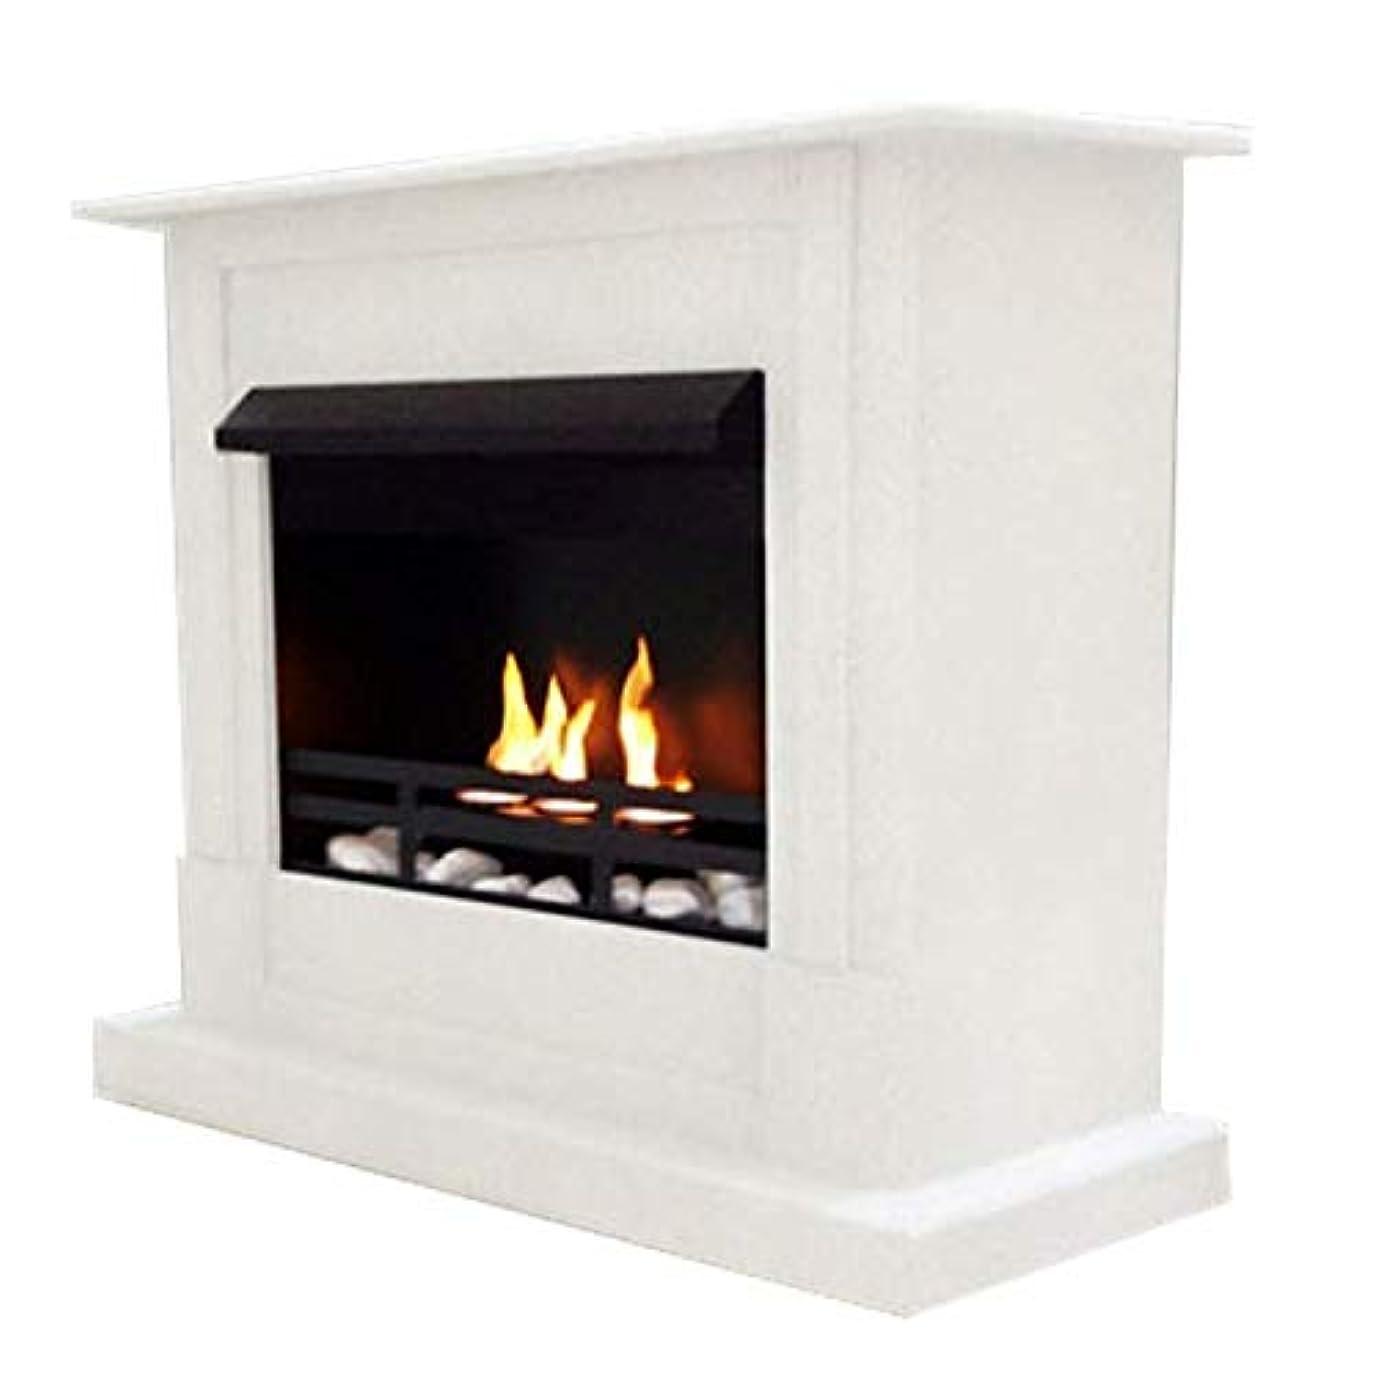 月六分儀混乱ジェル+ ethanol fire-places Emilyデラックスinclusive : 1調節可能なstainless-steel Burner ホワイト 10080